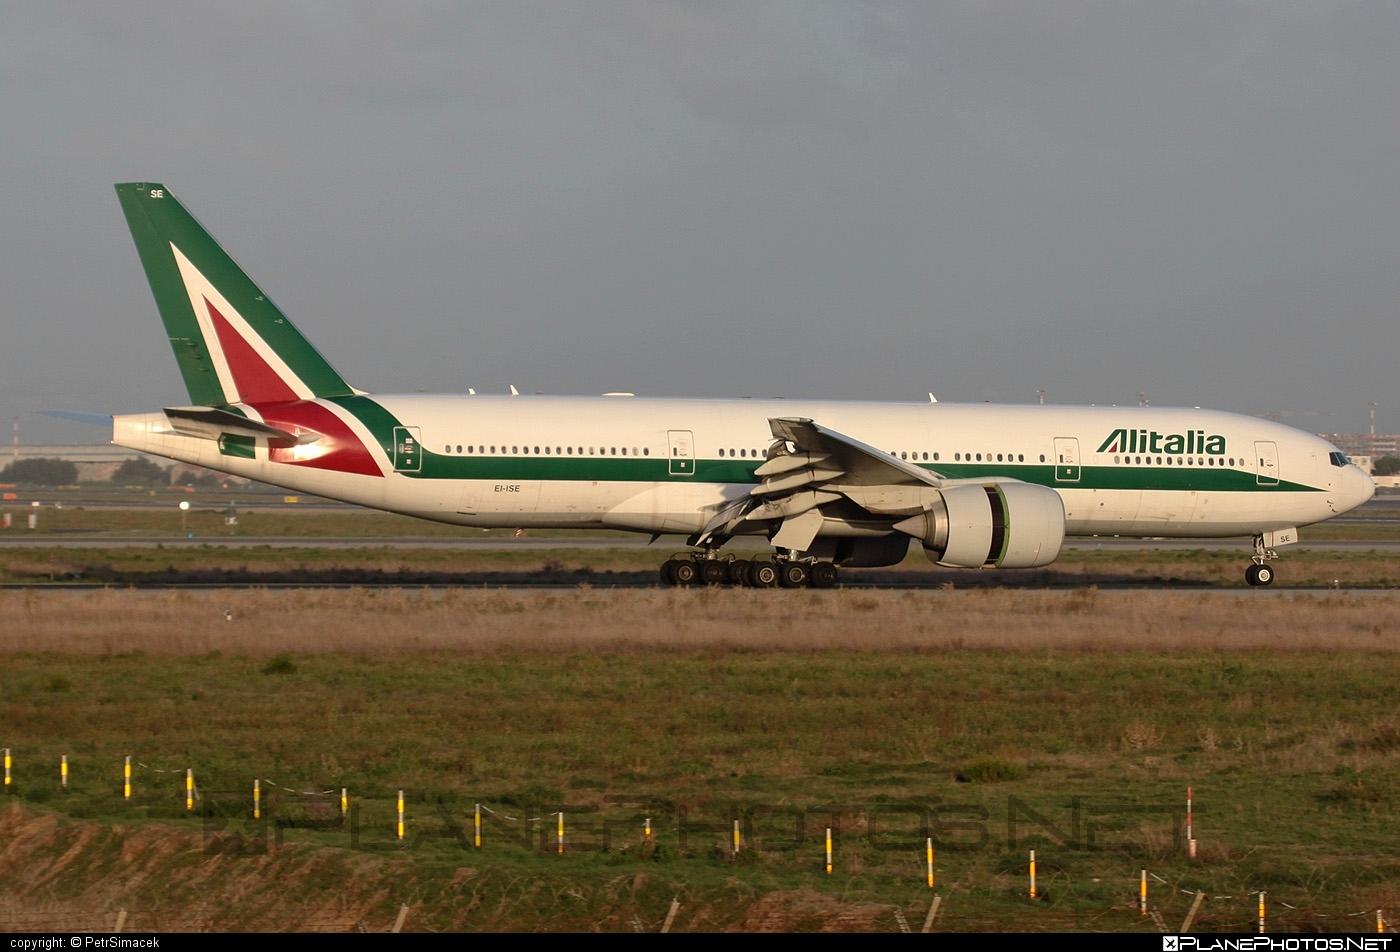 Boeing 777-200ER - EI-ISE operated by Alitalia #alitalia #b777 #b777er #boeing #boeing777 #tripleseven